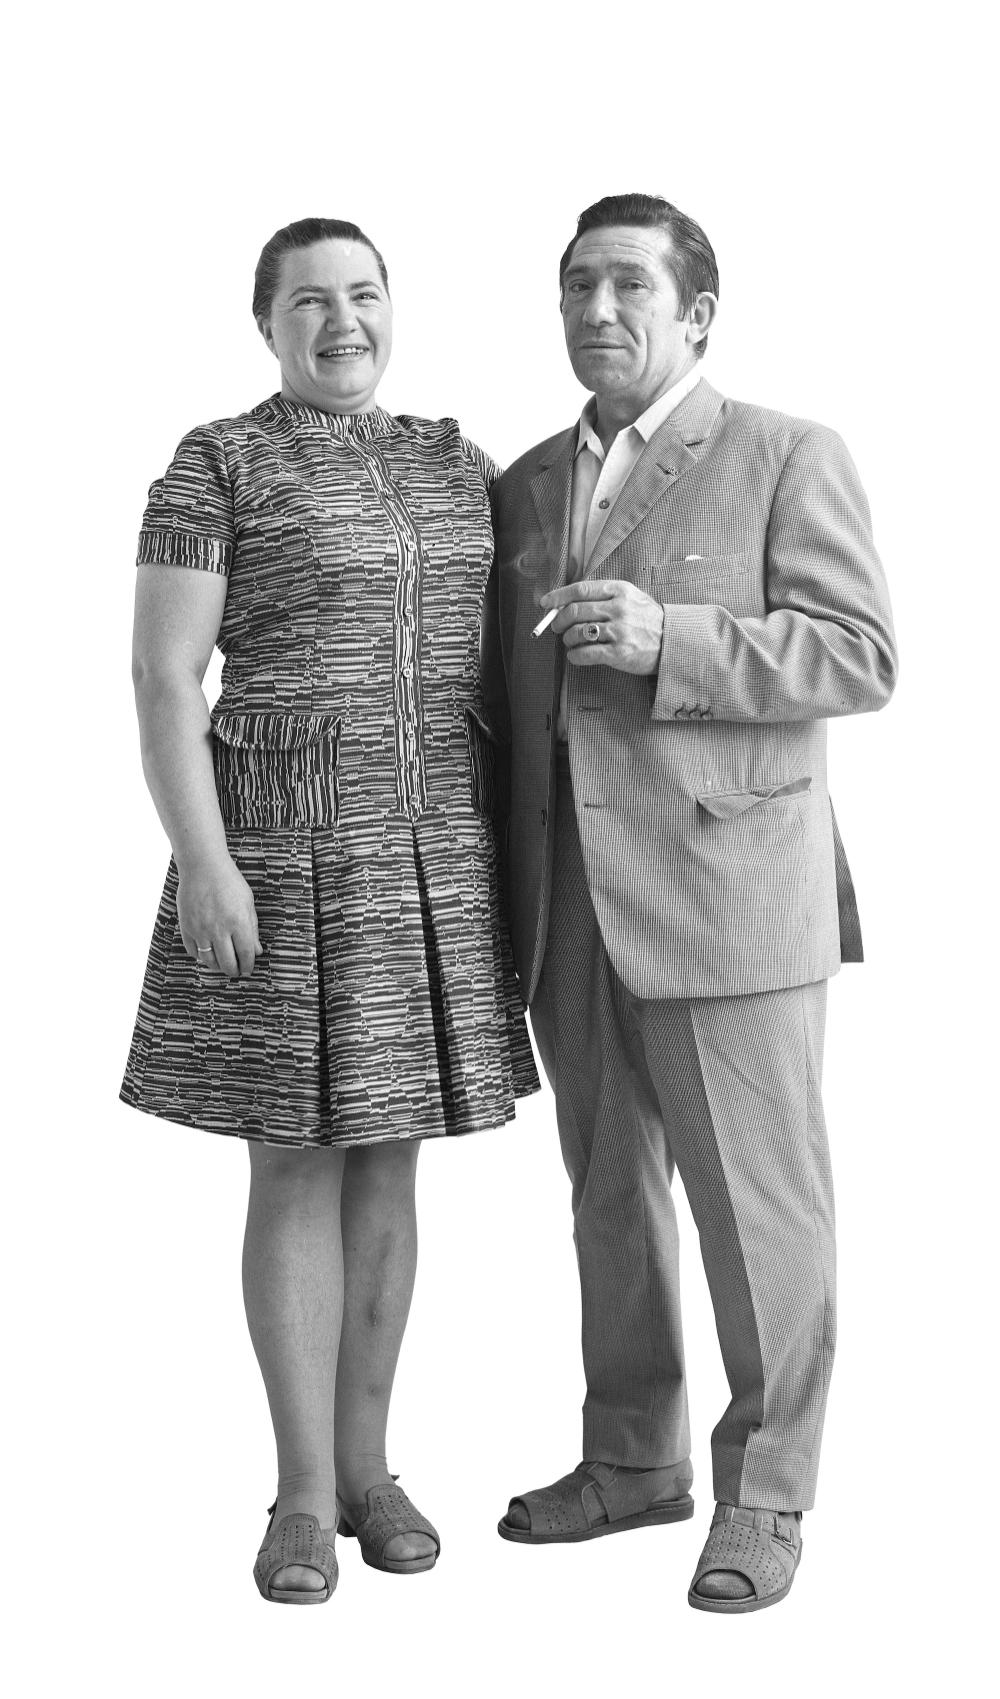 Beate Rose, Inhaberin eines Milchgeschäfts 41. Molkereifachmann 51, 1971